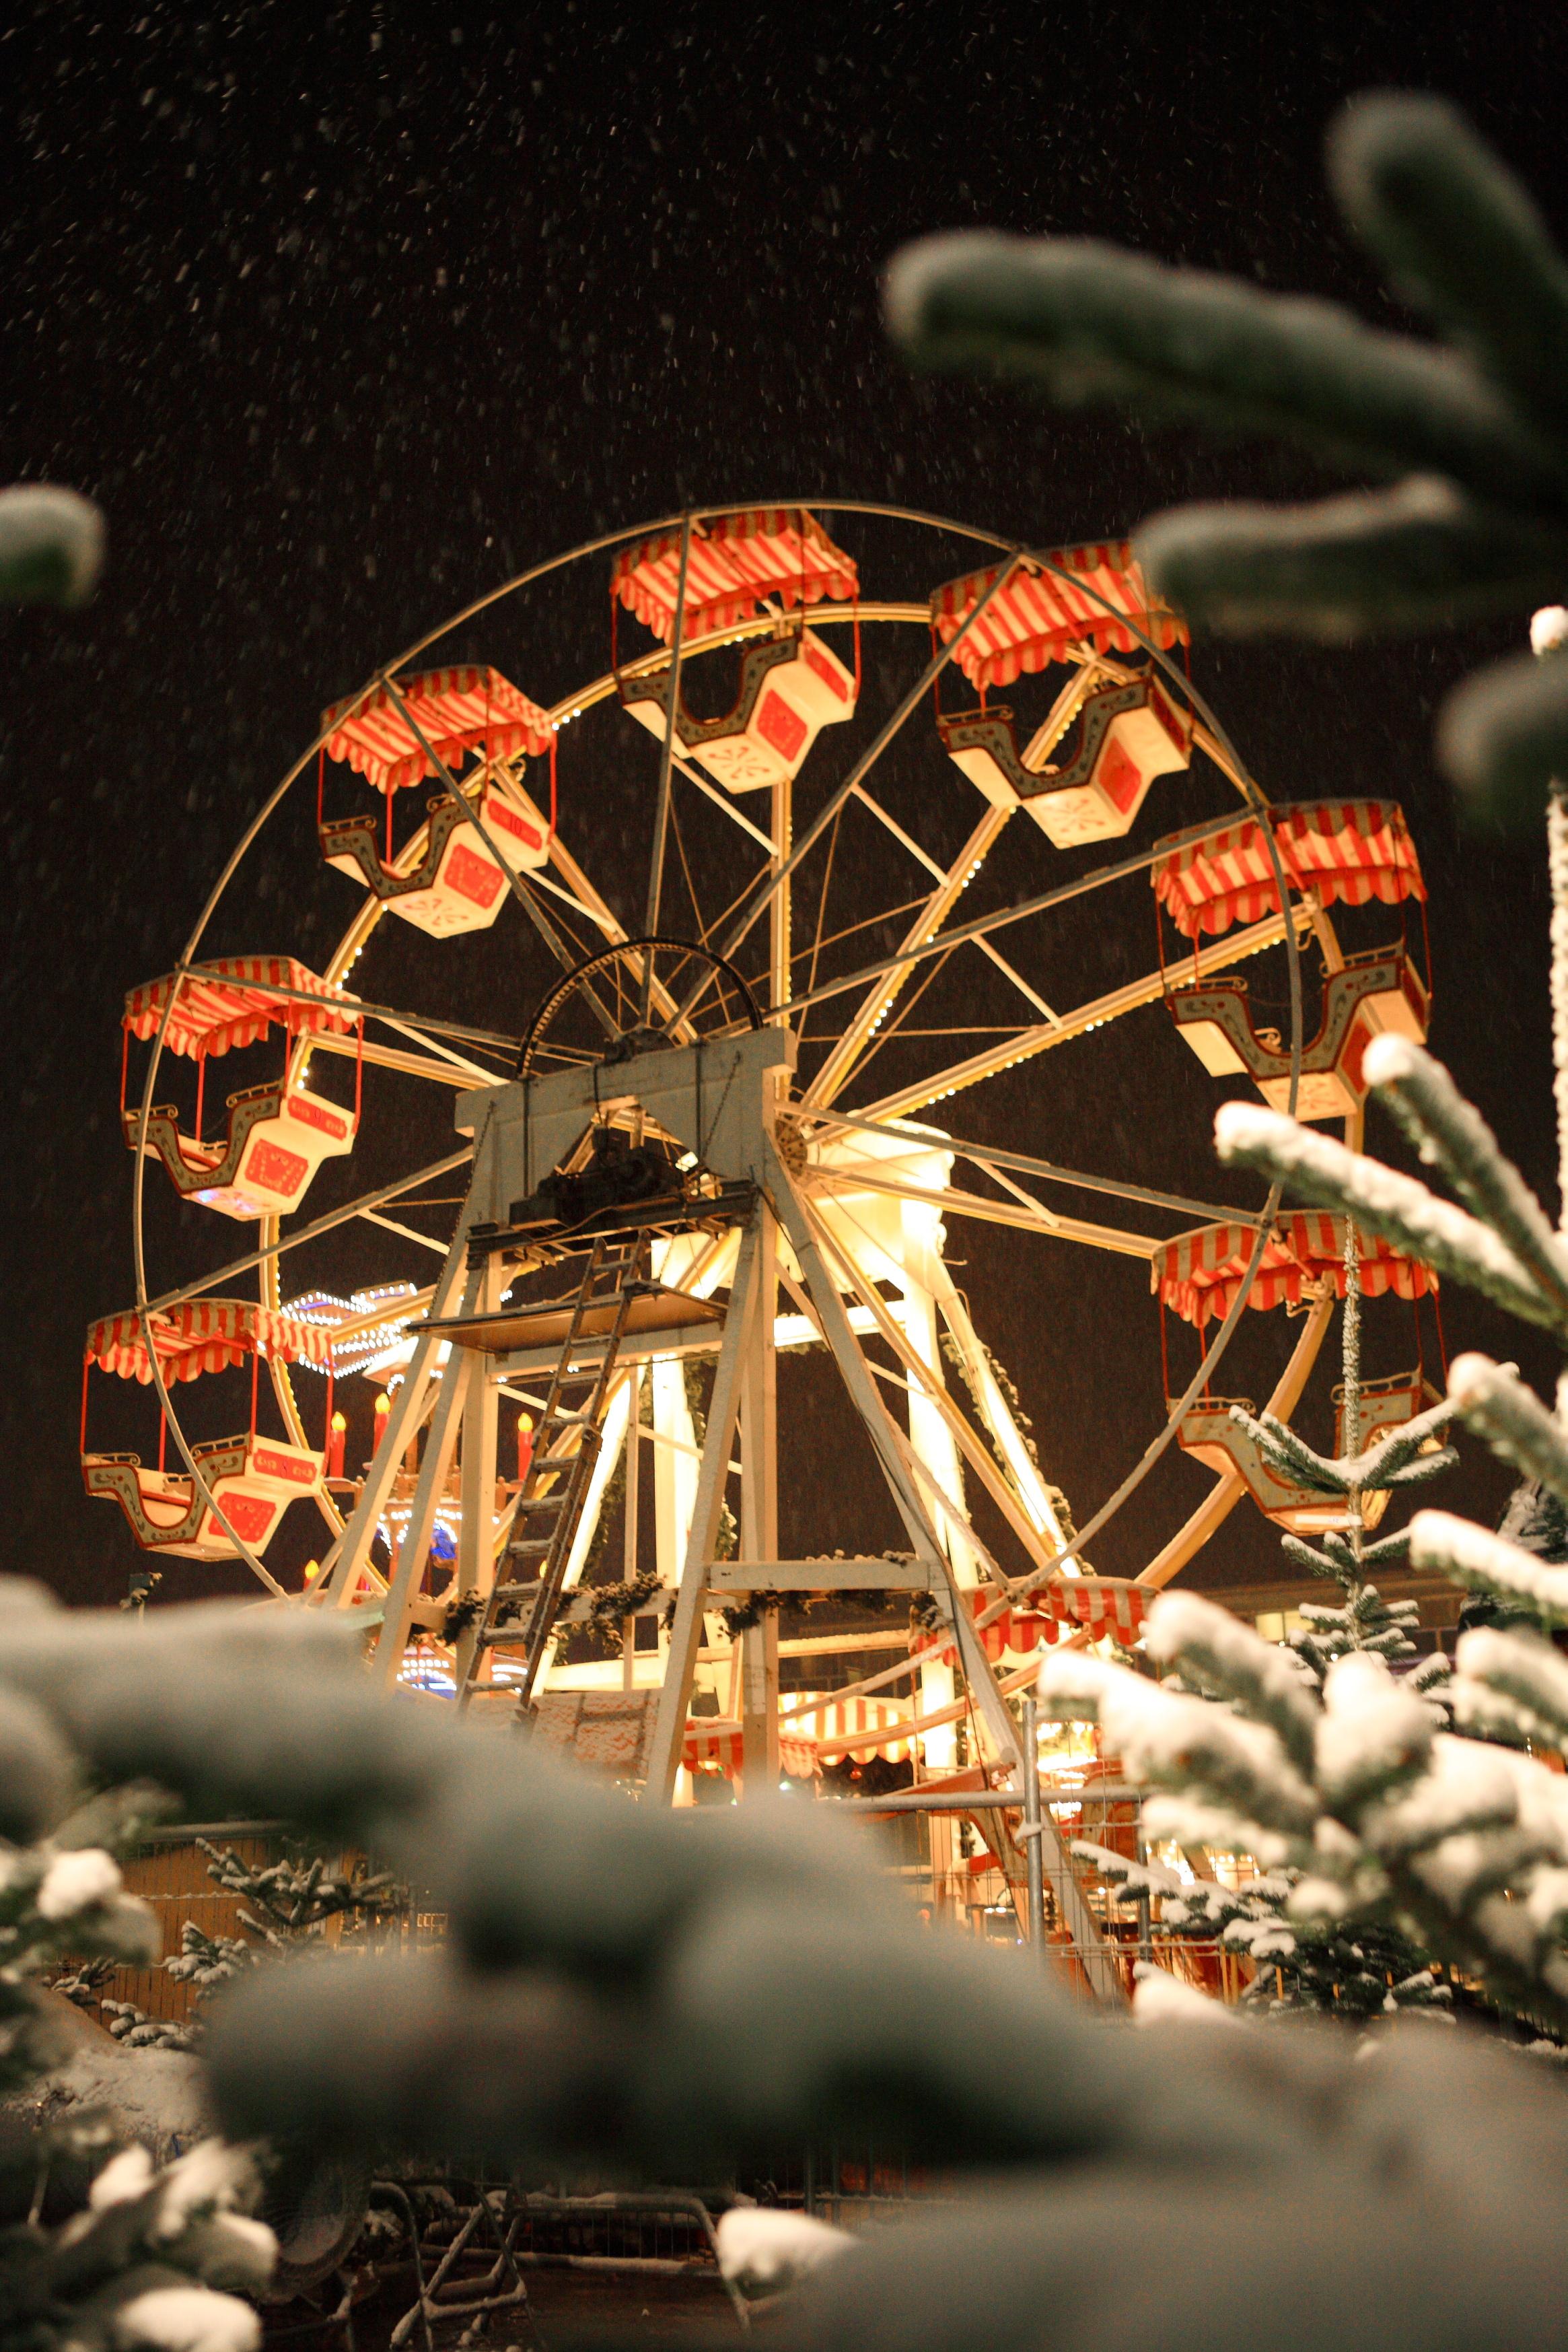 Weihnachtsmarkt Hanau.Presse Service De C 1995 2019 Ruhr Concept Kg Das Presseportal